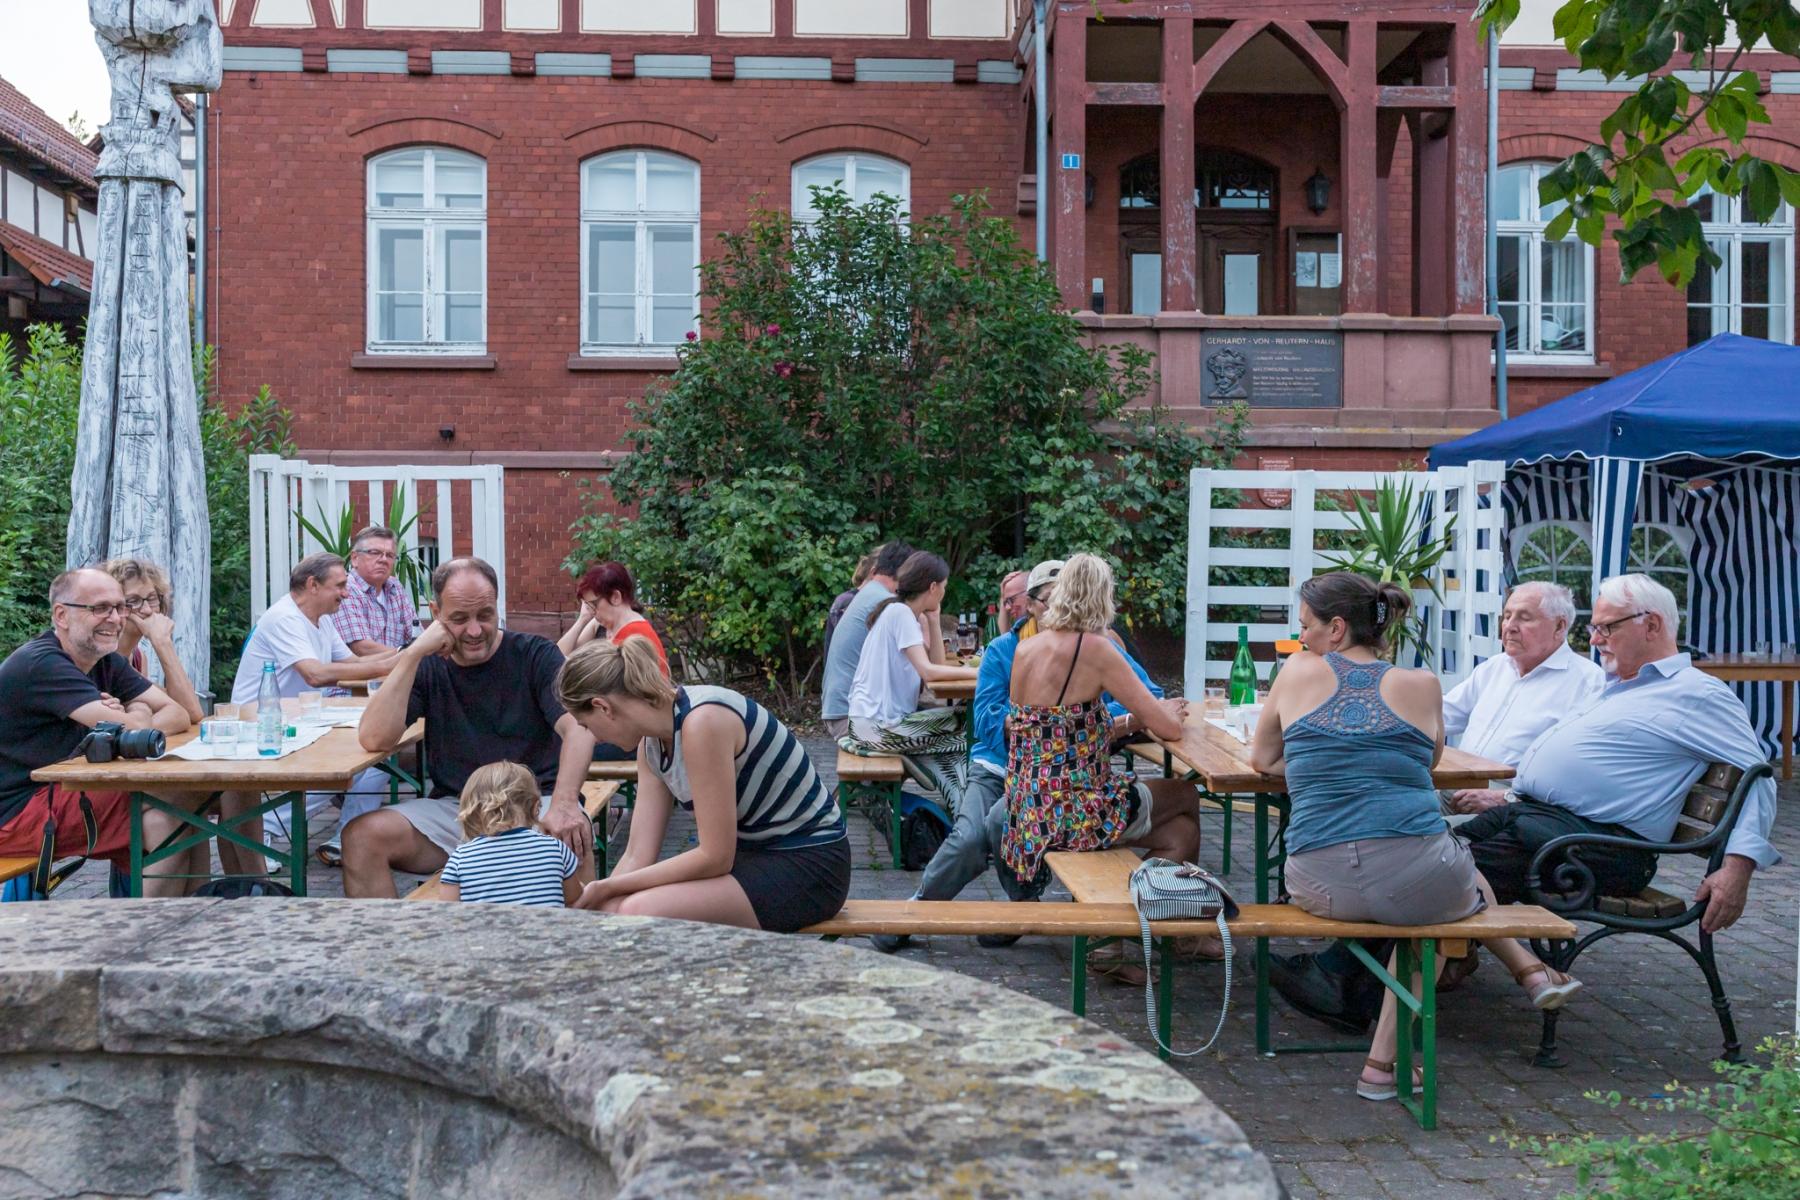 Gemütliche Abendrunde mit Dorfbewohnern